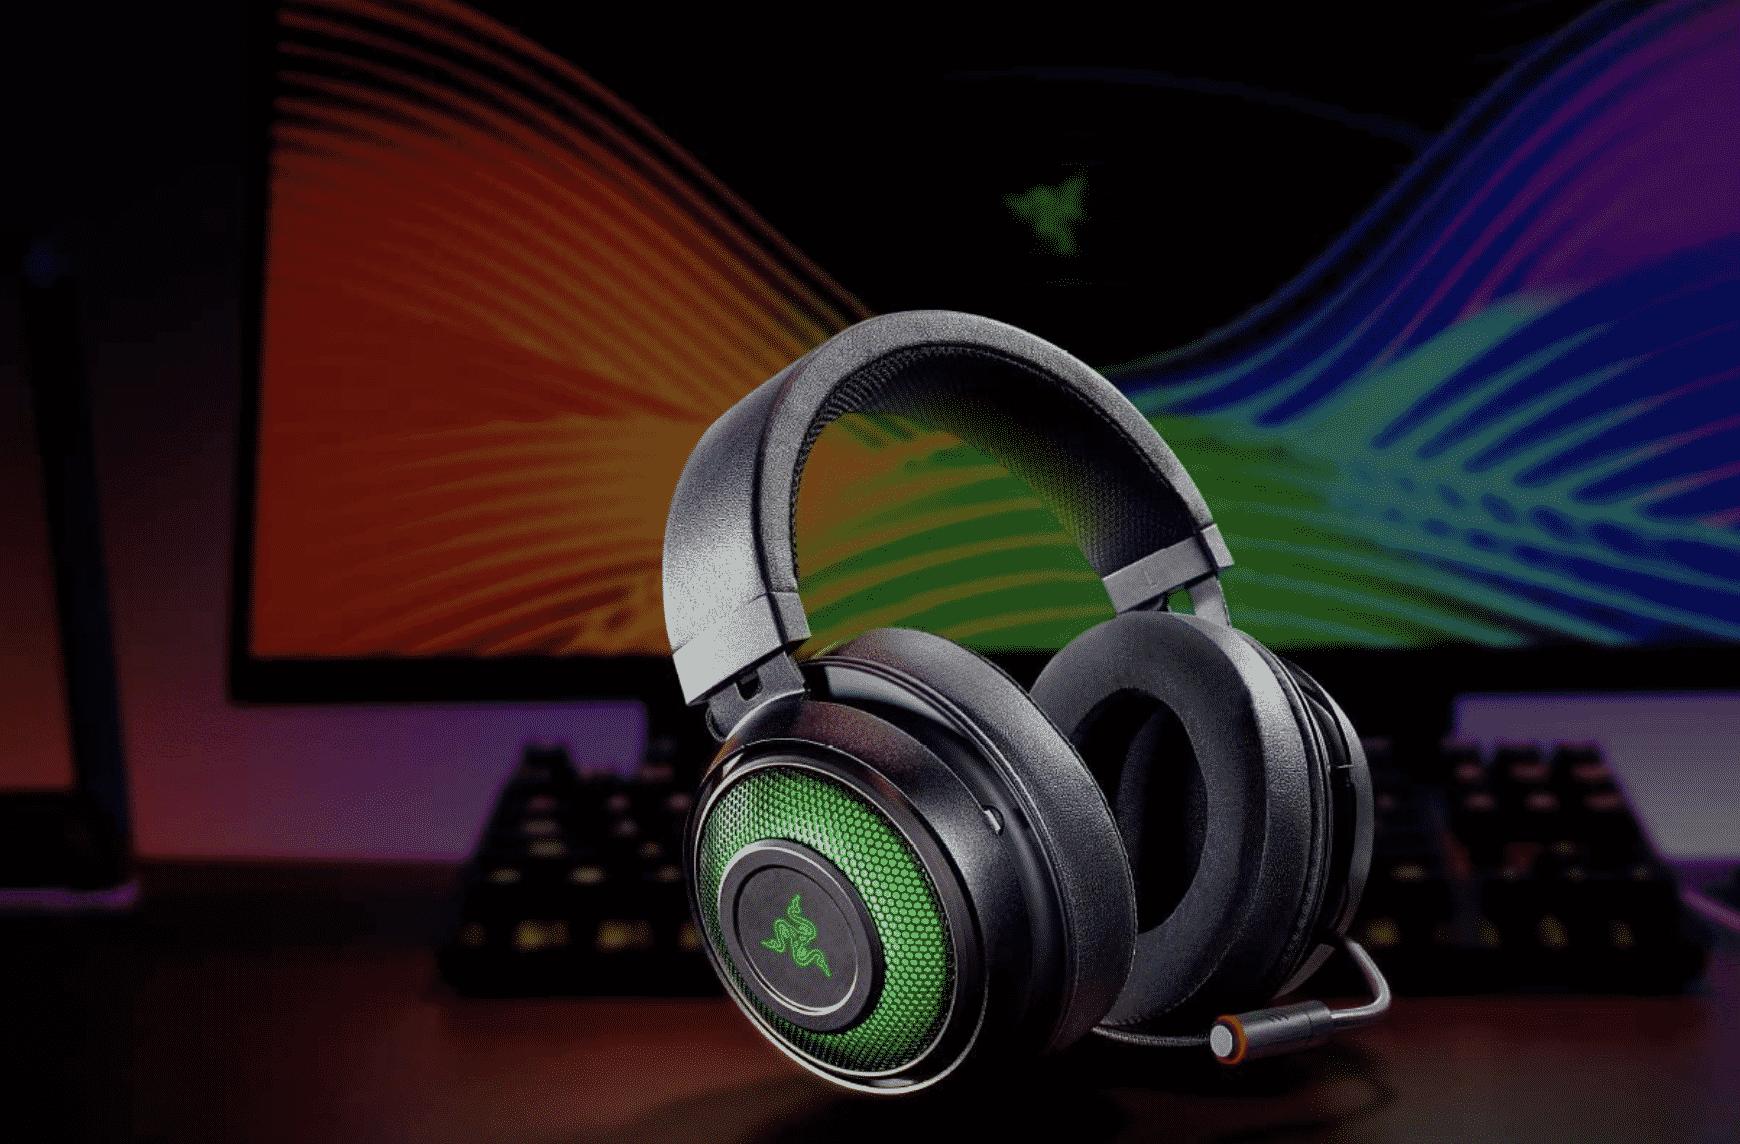 Razer Kraken Ultimate RGB USB Gaming Headset